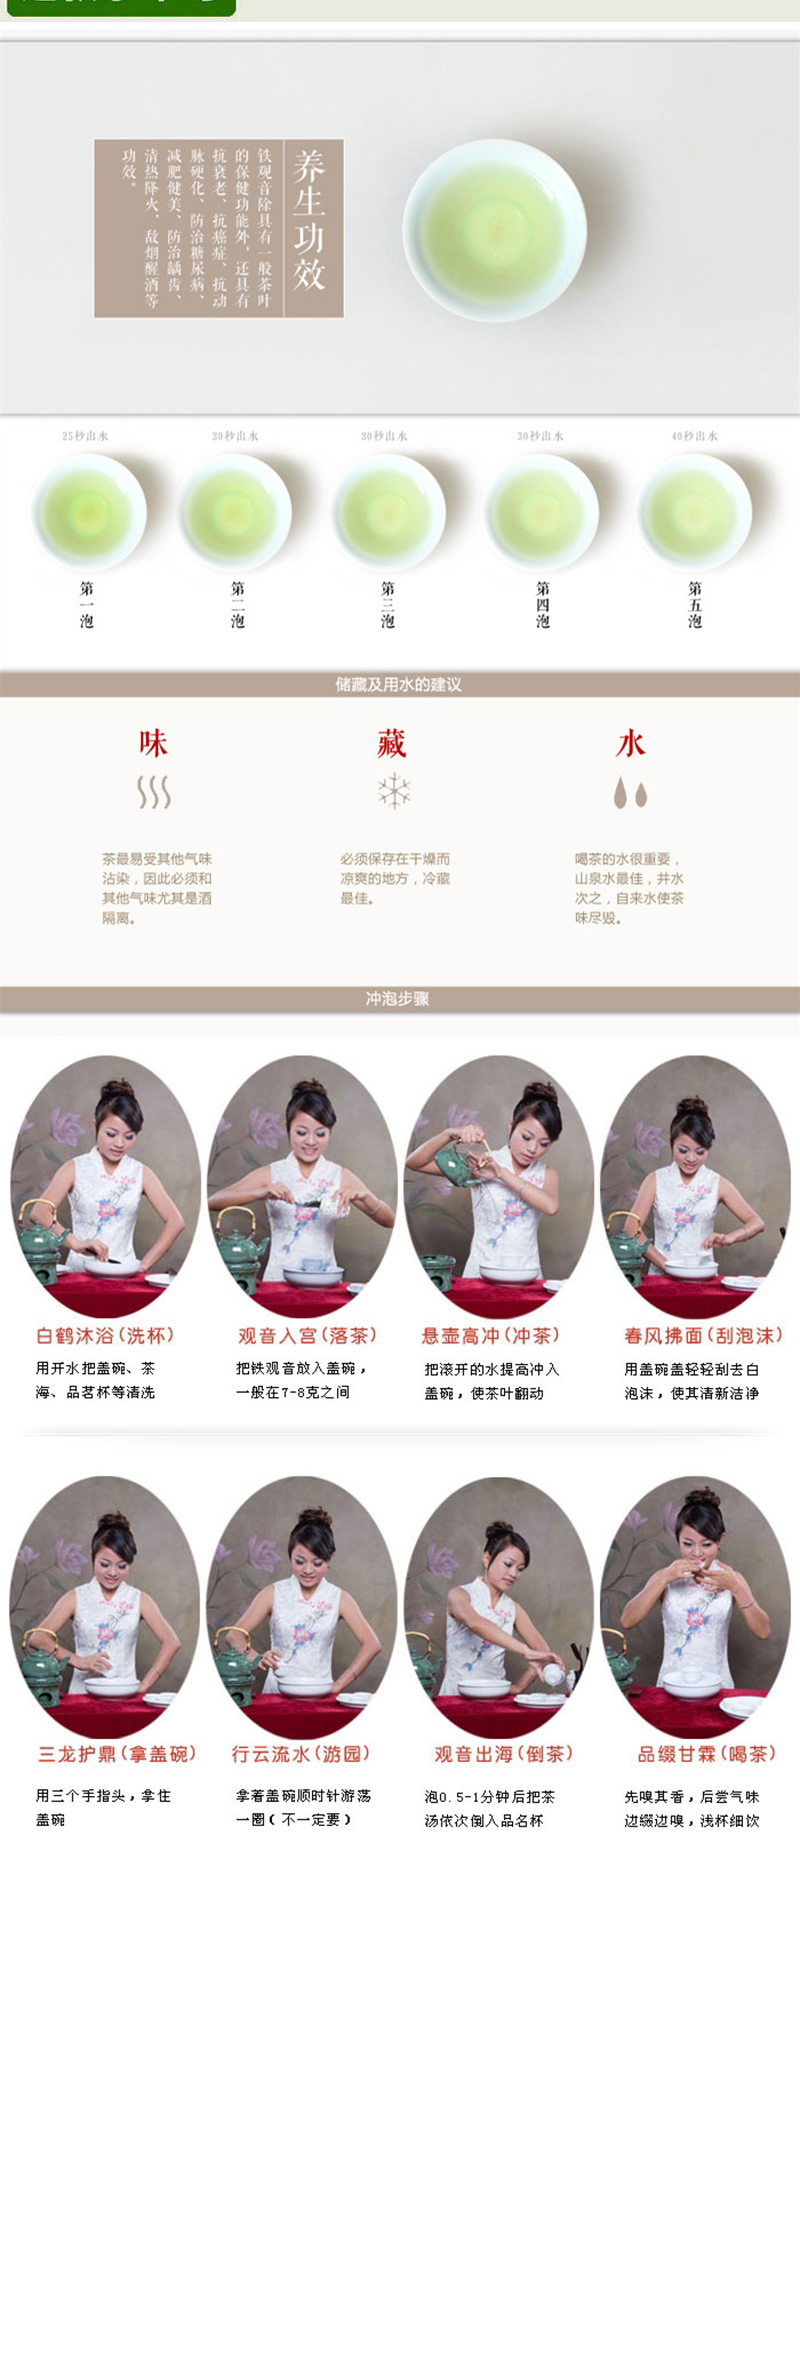 2016年福建安溪铁观音清香型  新年升级版图片四